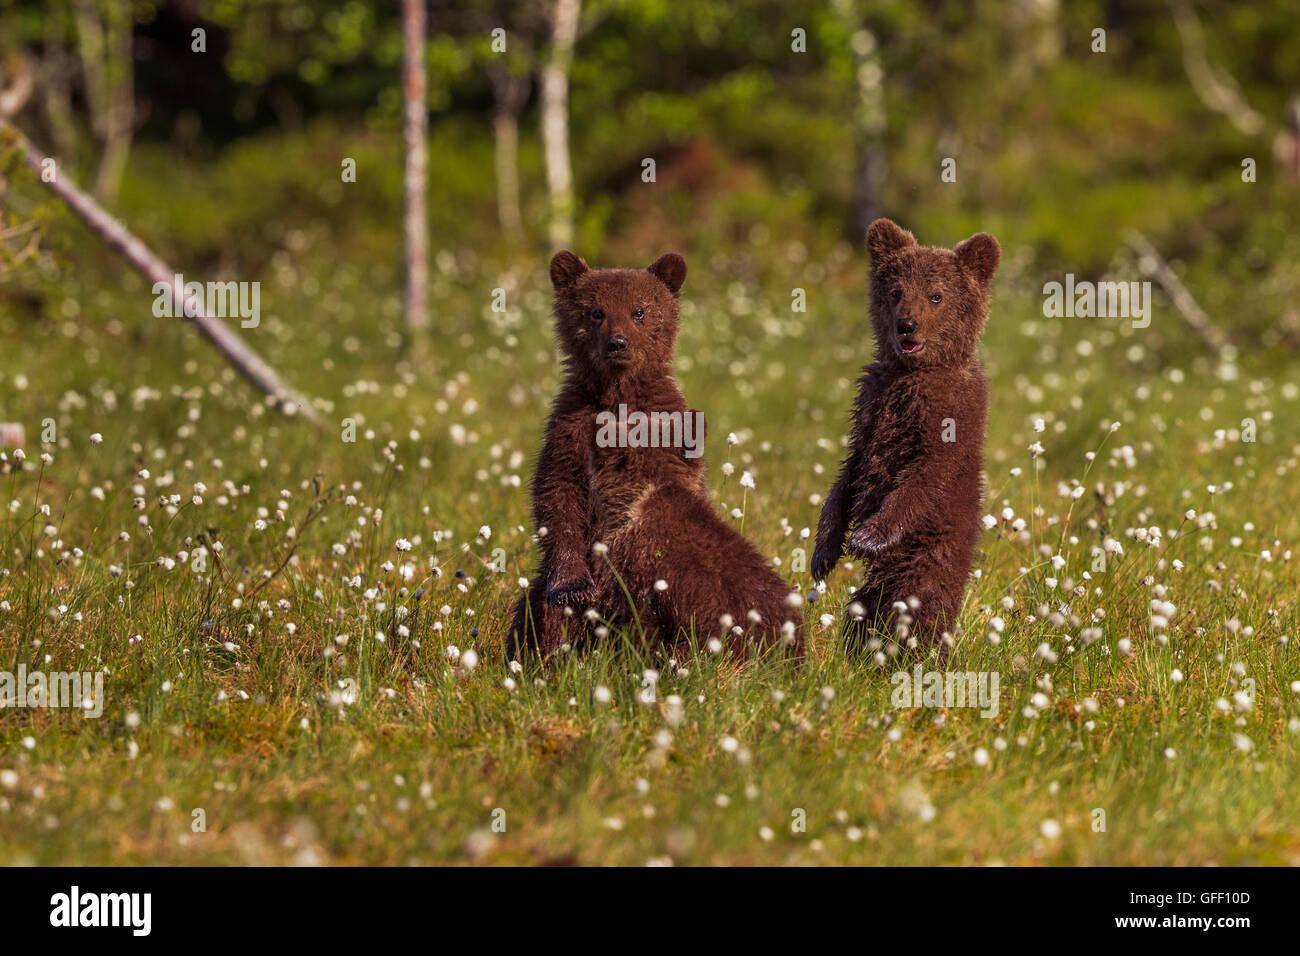 Tres crías de oso pardo en un campo de algodón, hierba, Finlandia. Imagen De Stock